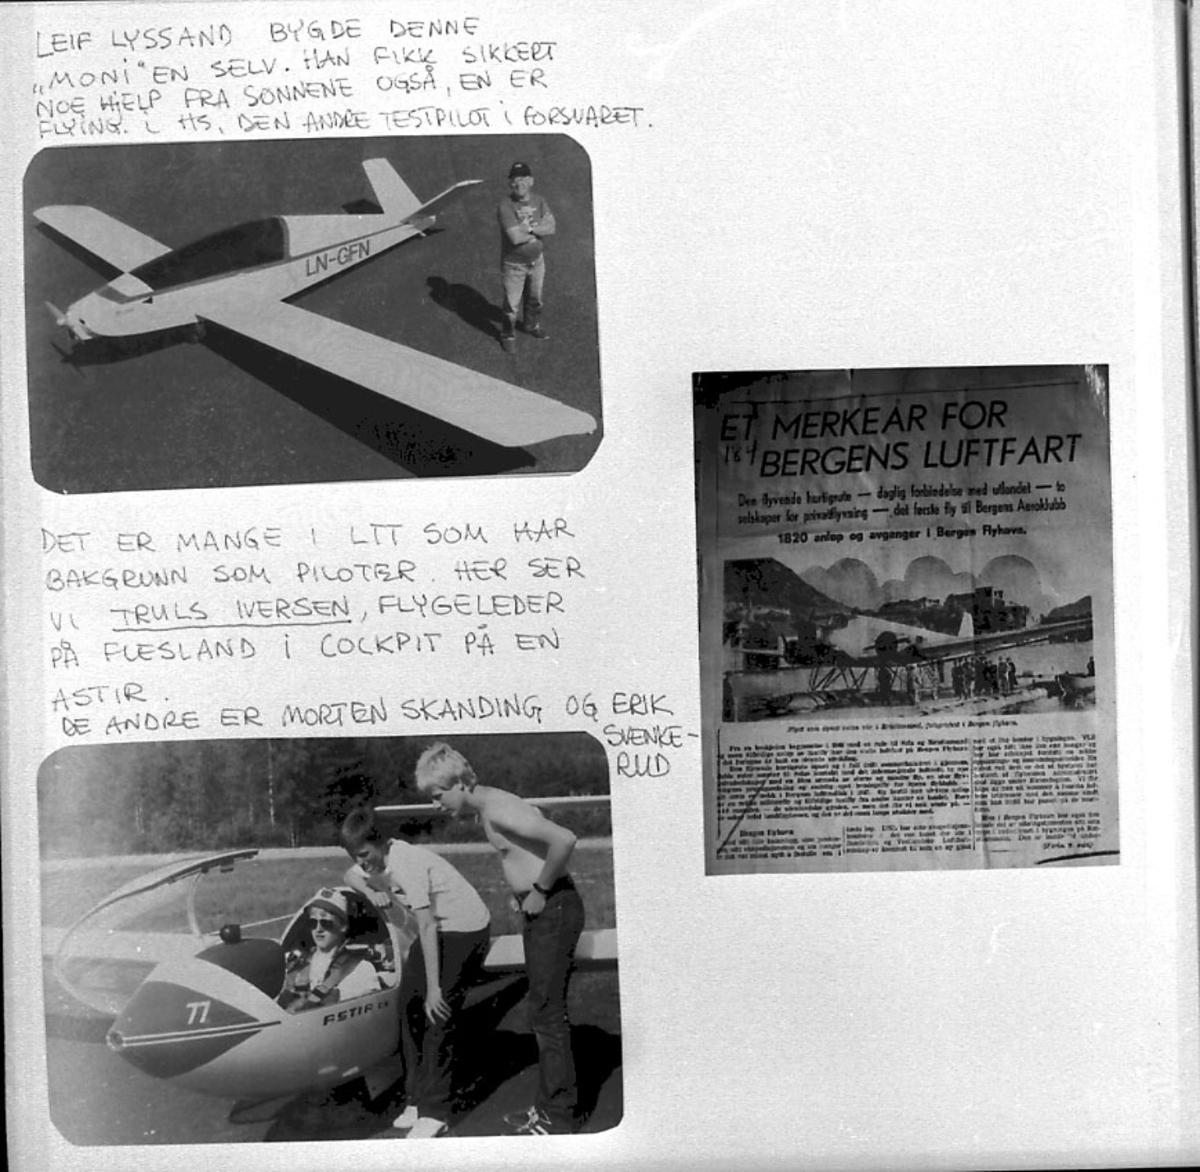 Maskinkopi av 3 foto med billedkommentarer. 2 fly, Moni, LN-GFN og Astir. Portrett 4 personer.